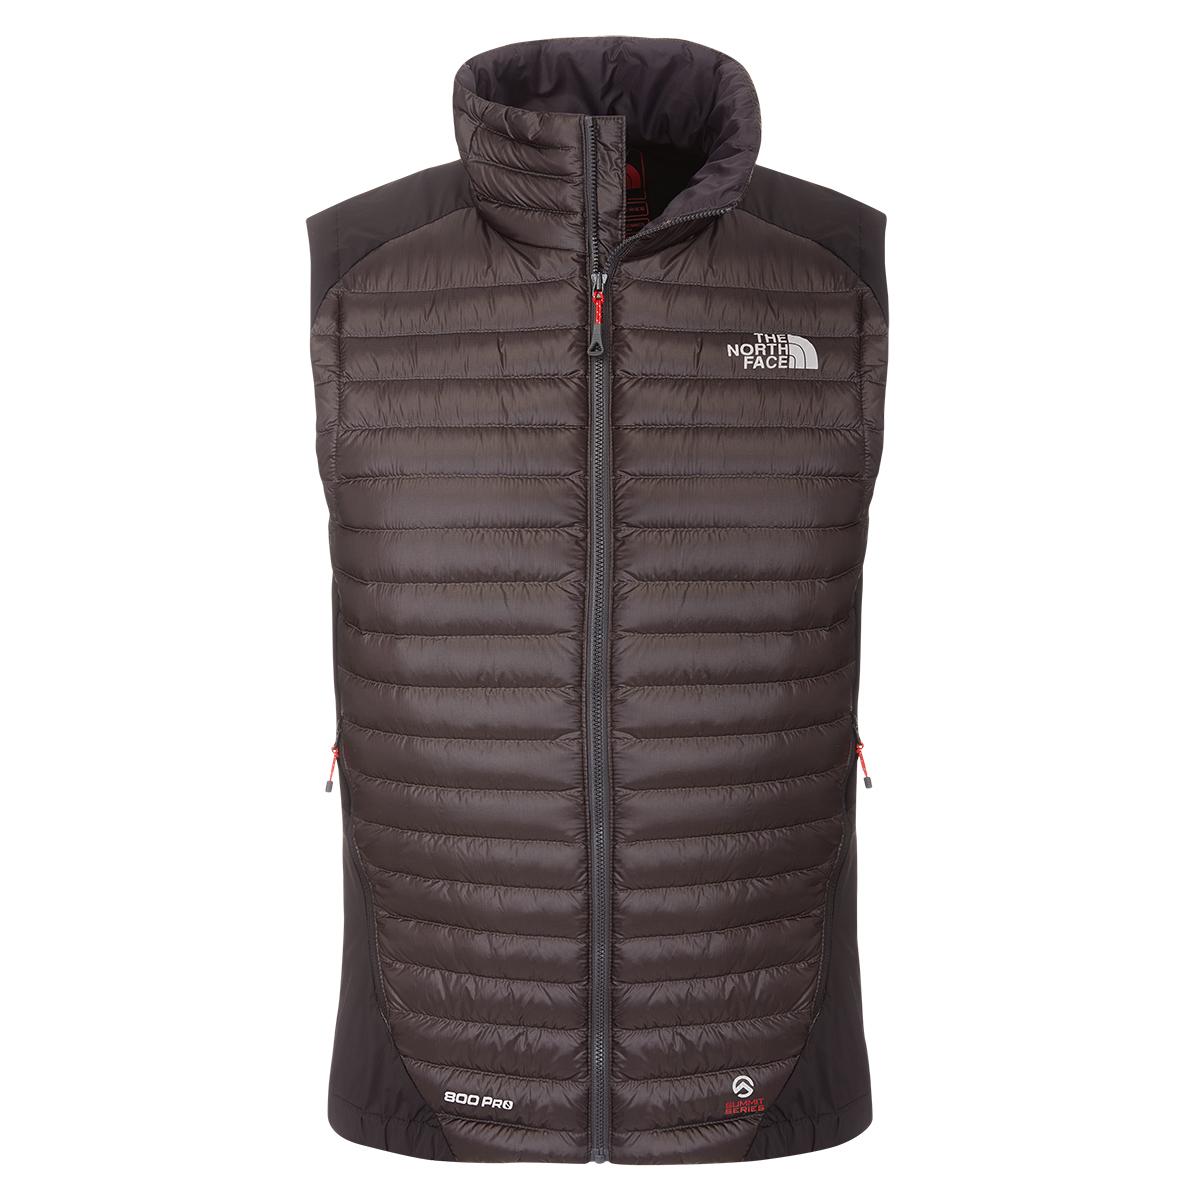 Verto Micro Vest 2015